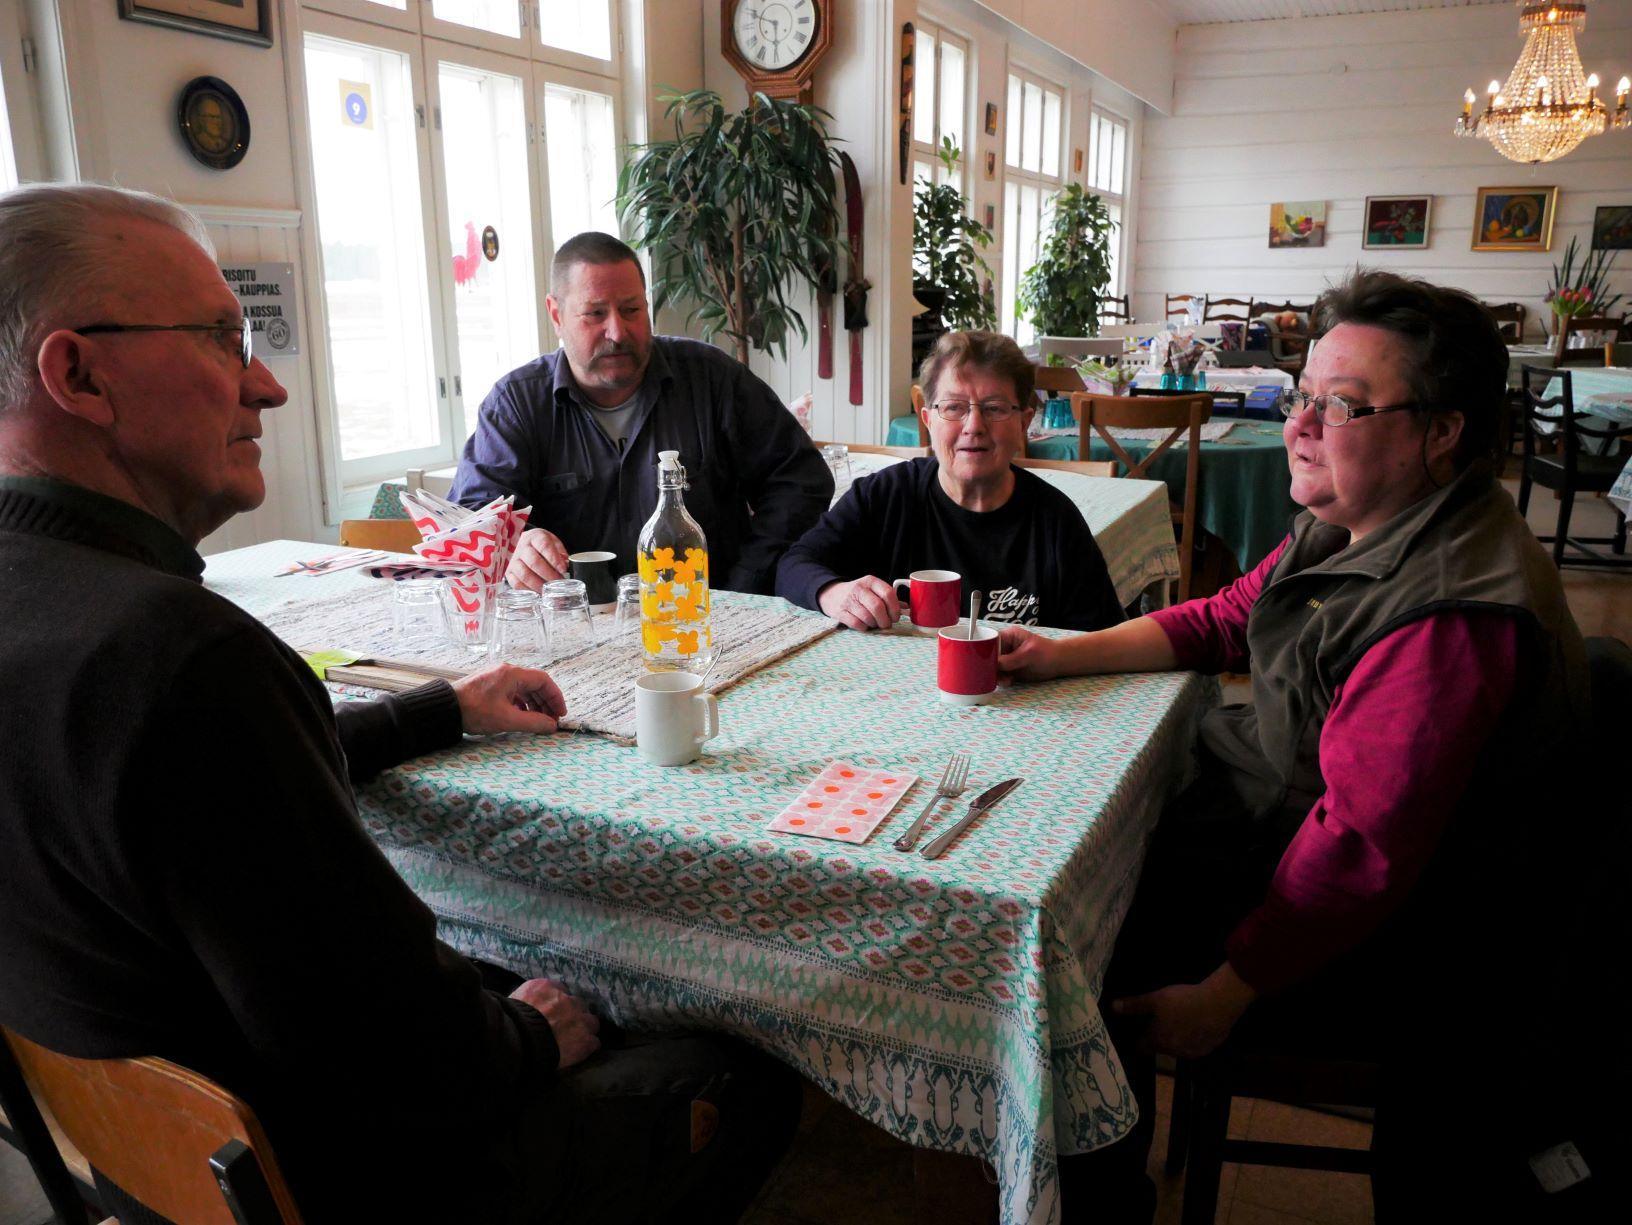 Långväga gäster hittar till bed & breakfast i Västanfjärd — den gamla folkskolan gynnas av nya cykelrutten Kustrutten